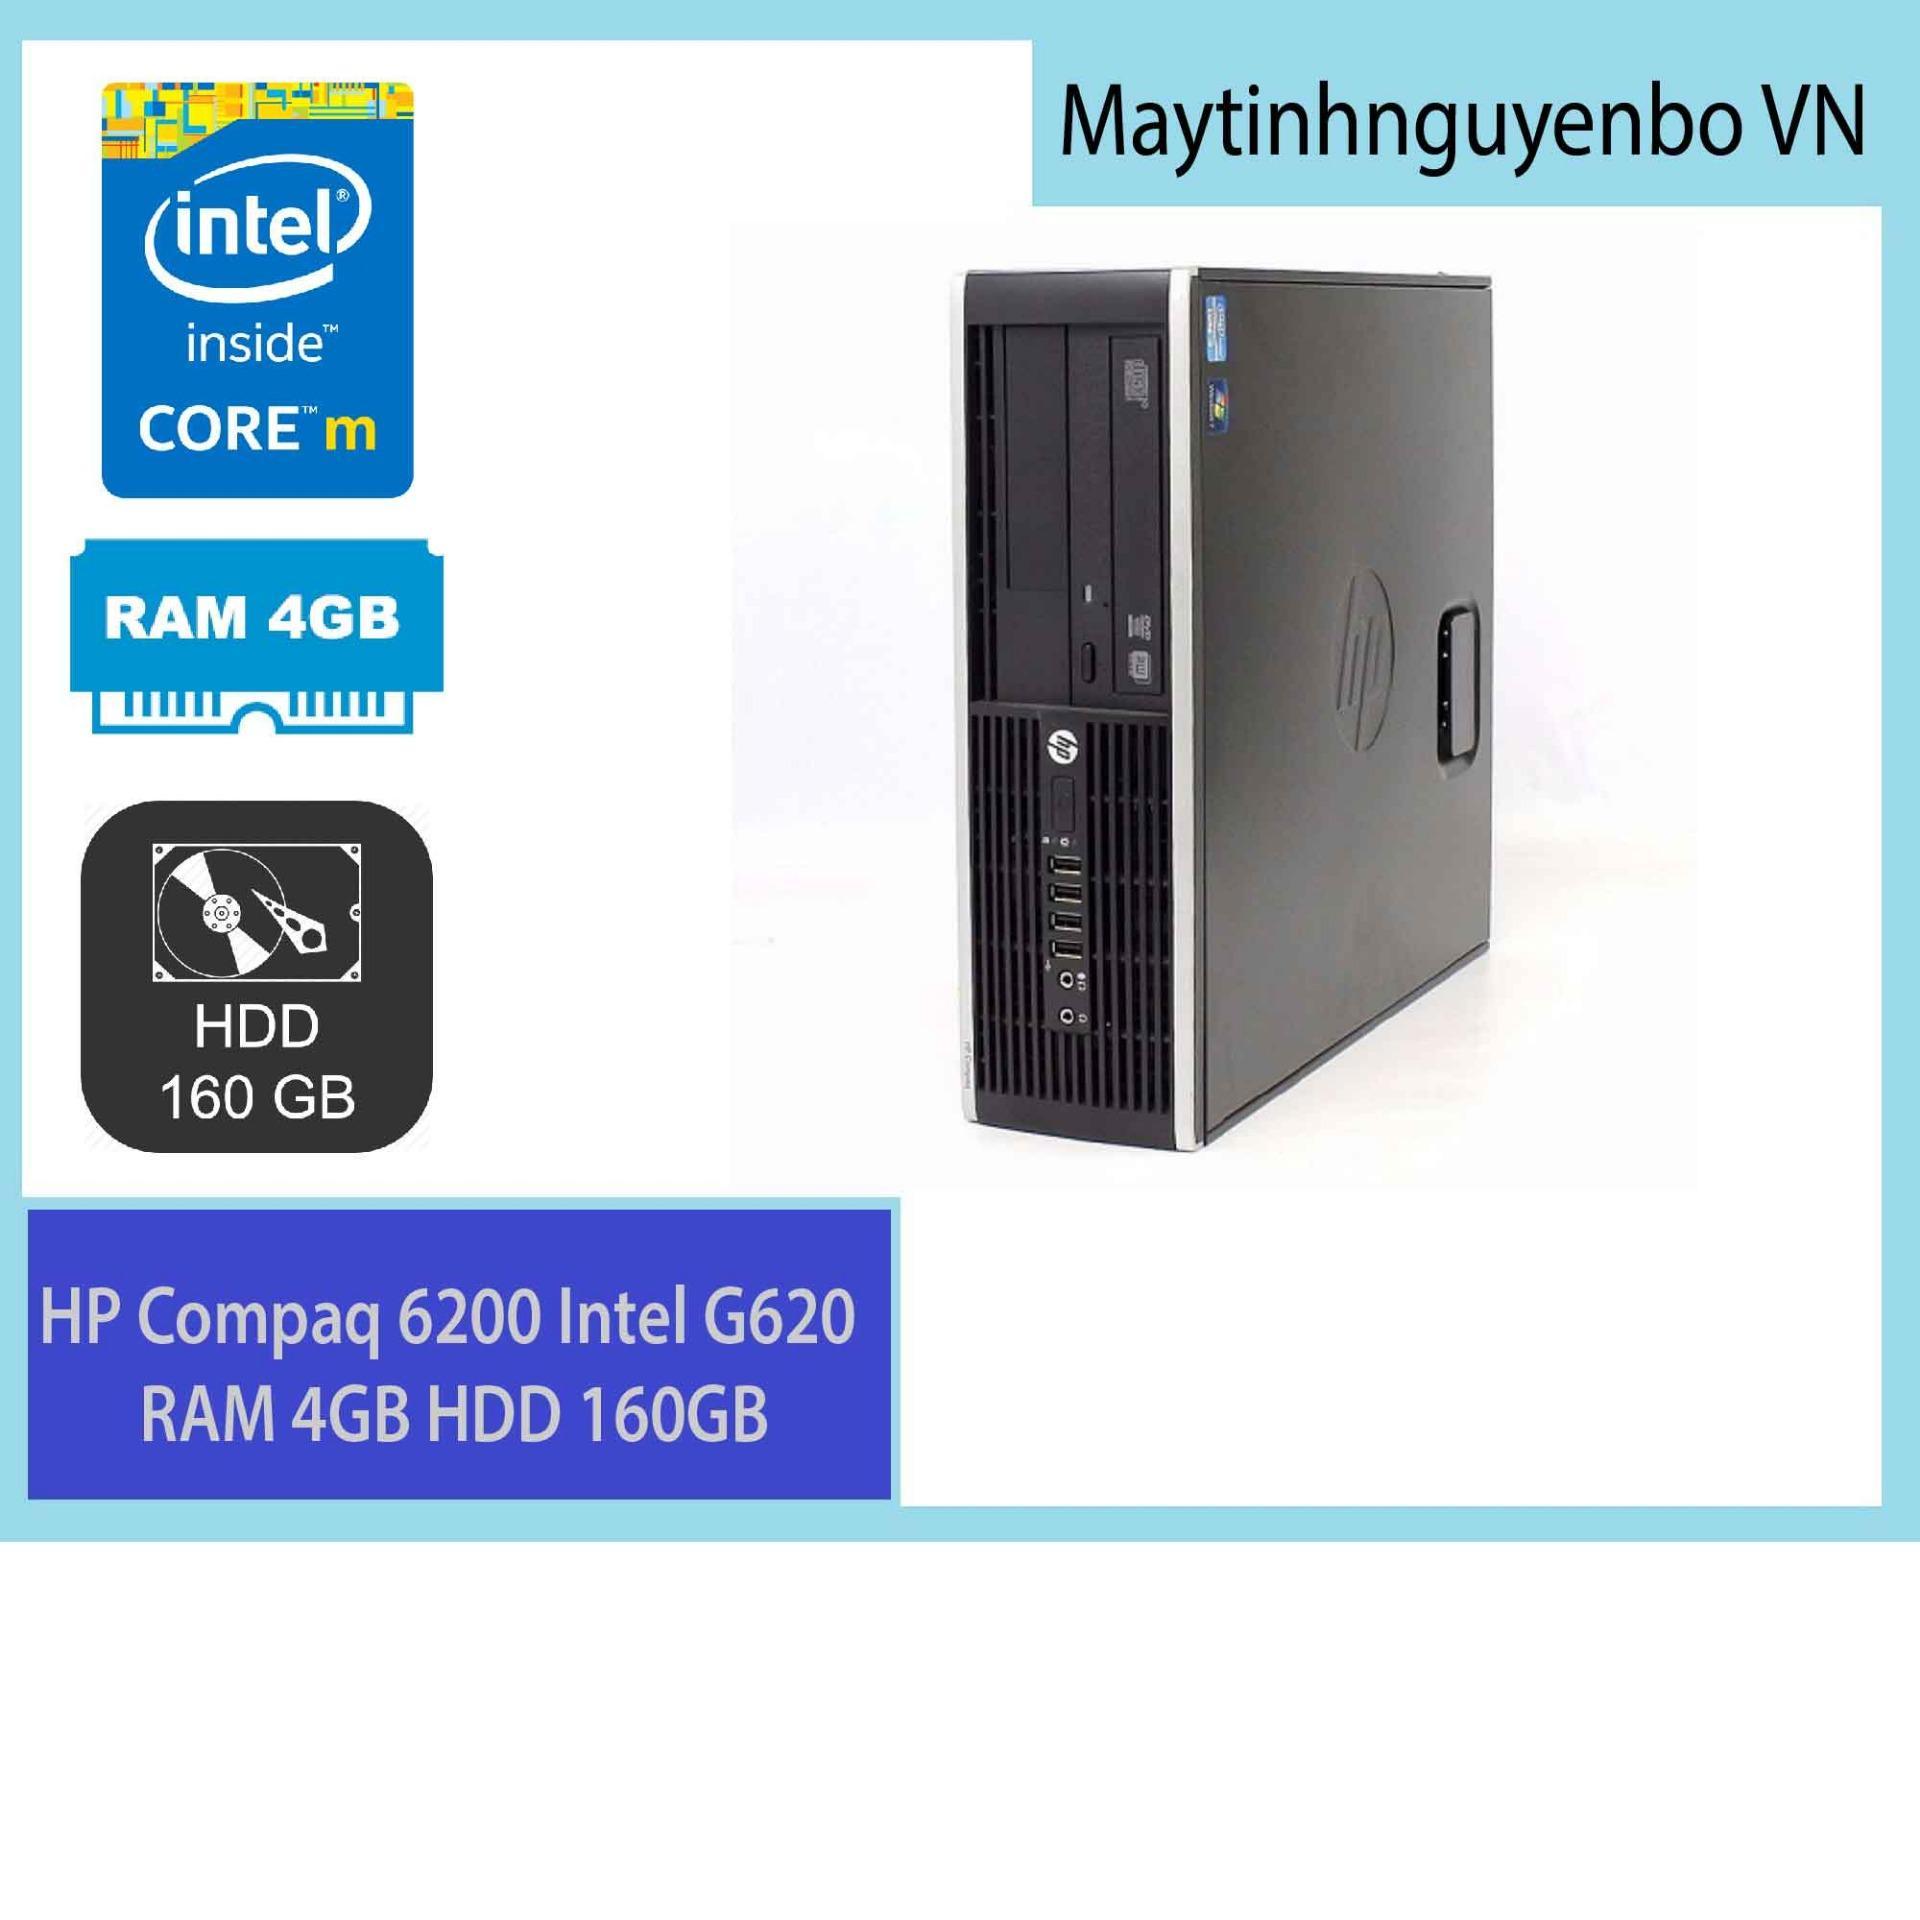 Hình ảnh Máy tính đồng bộ HP Compaq 6200 Intel G620 RAM 4GB HDD 160GB